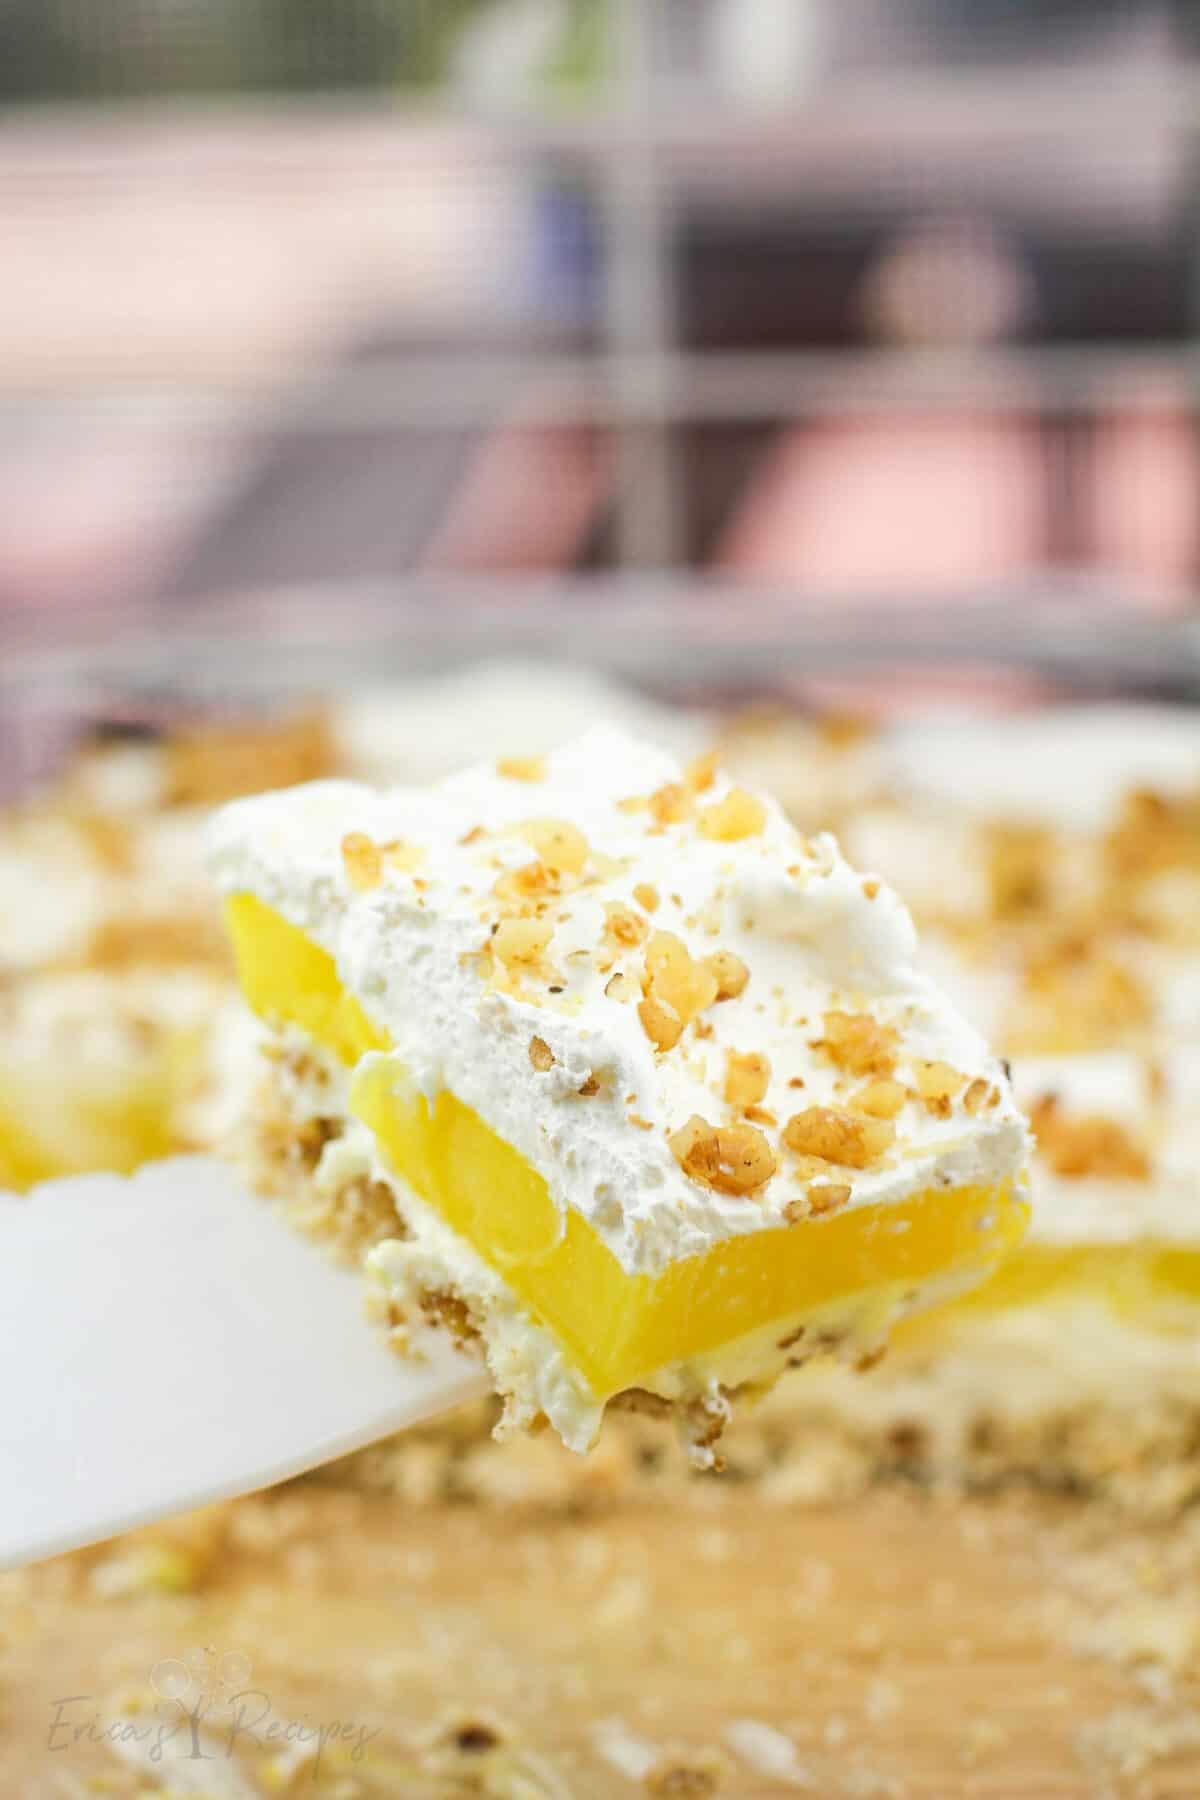 white pie server holding up portion of lemon delight